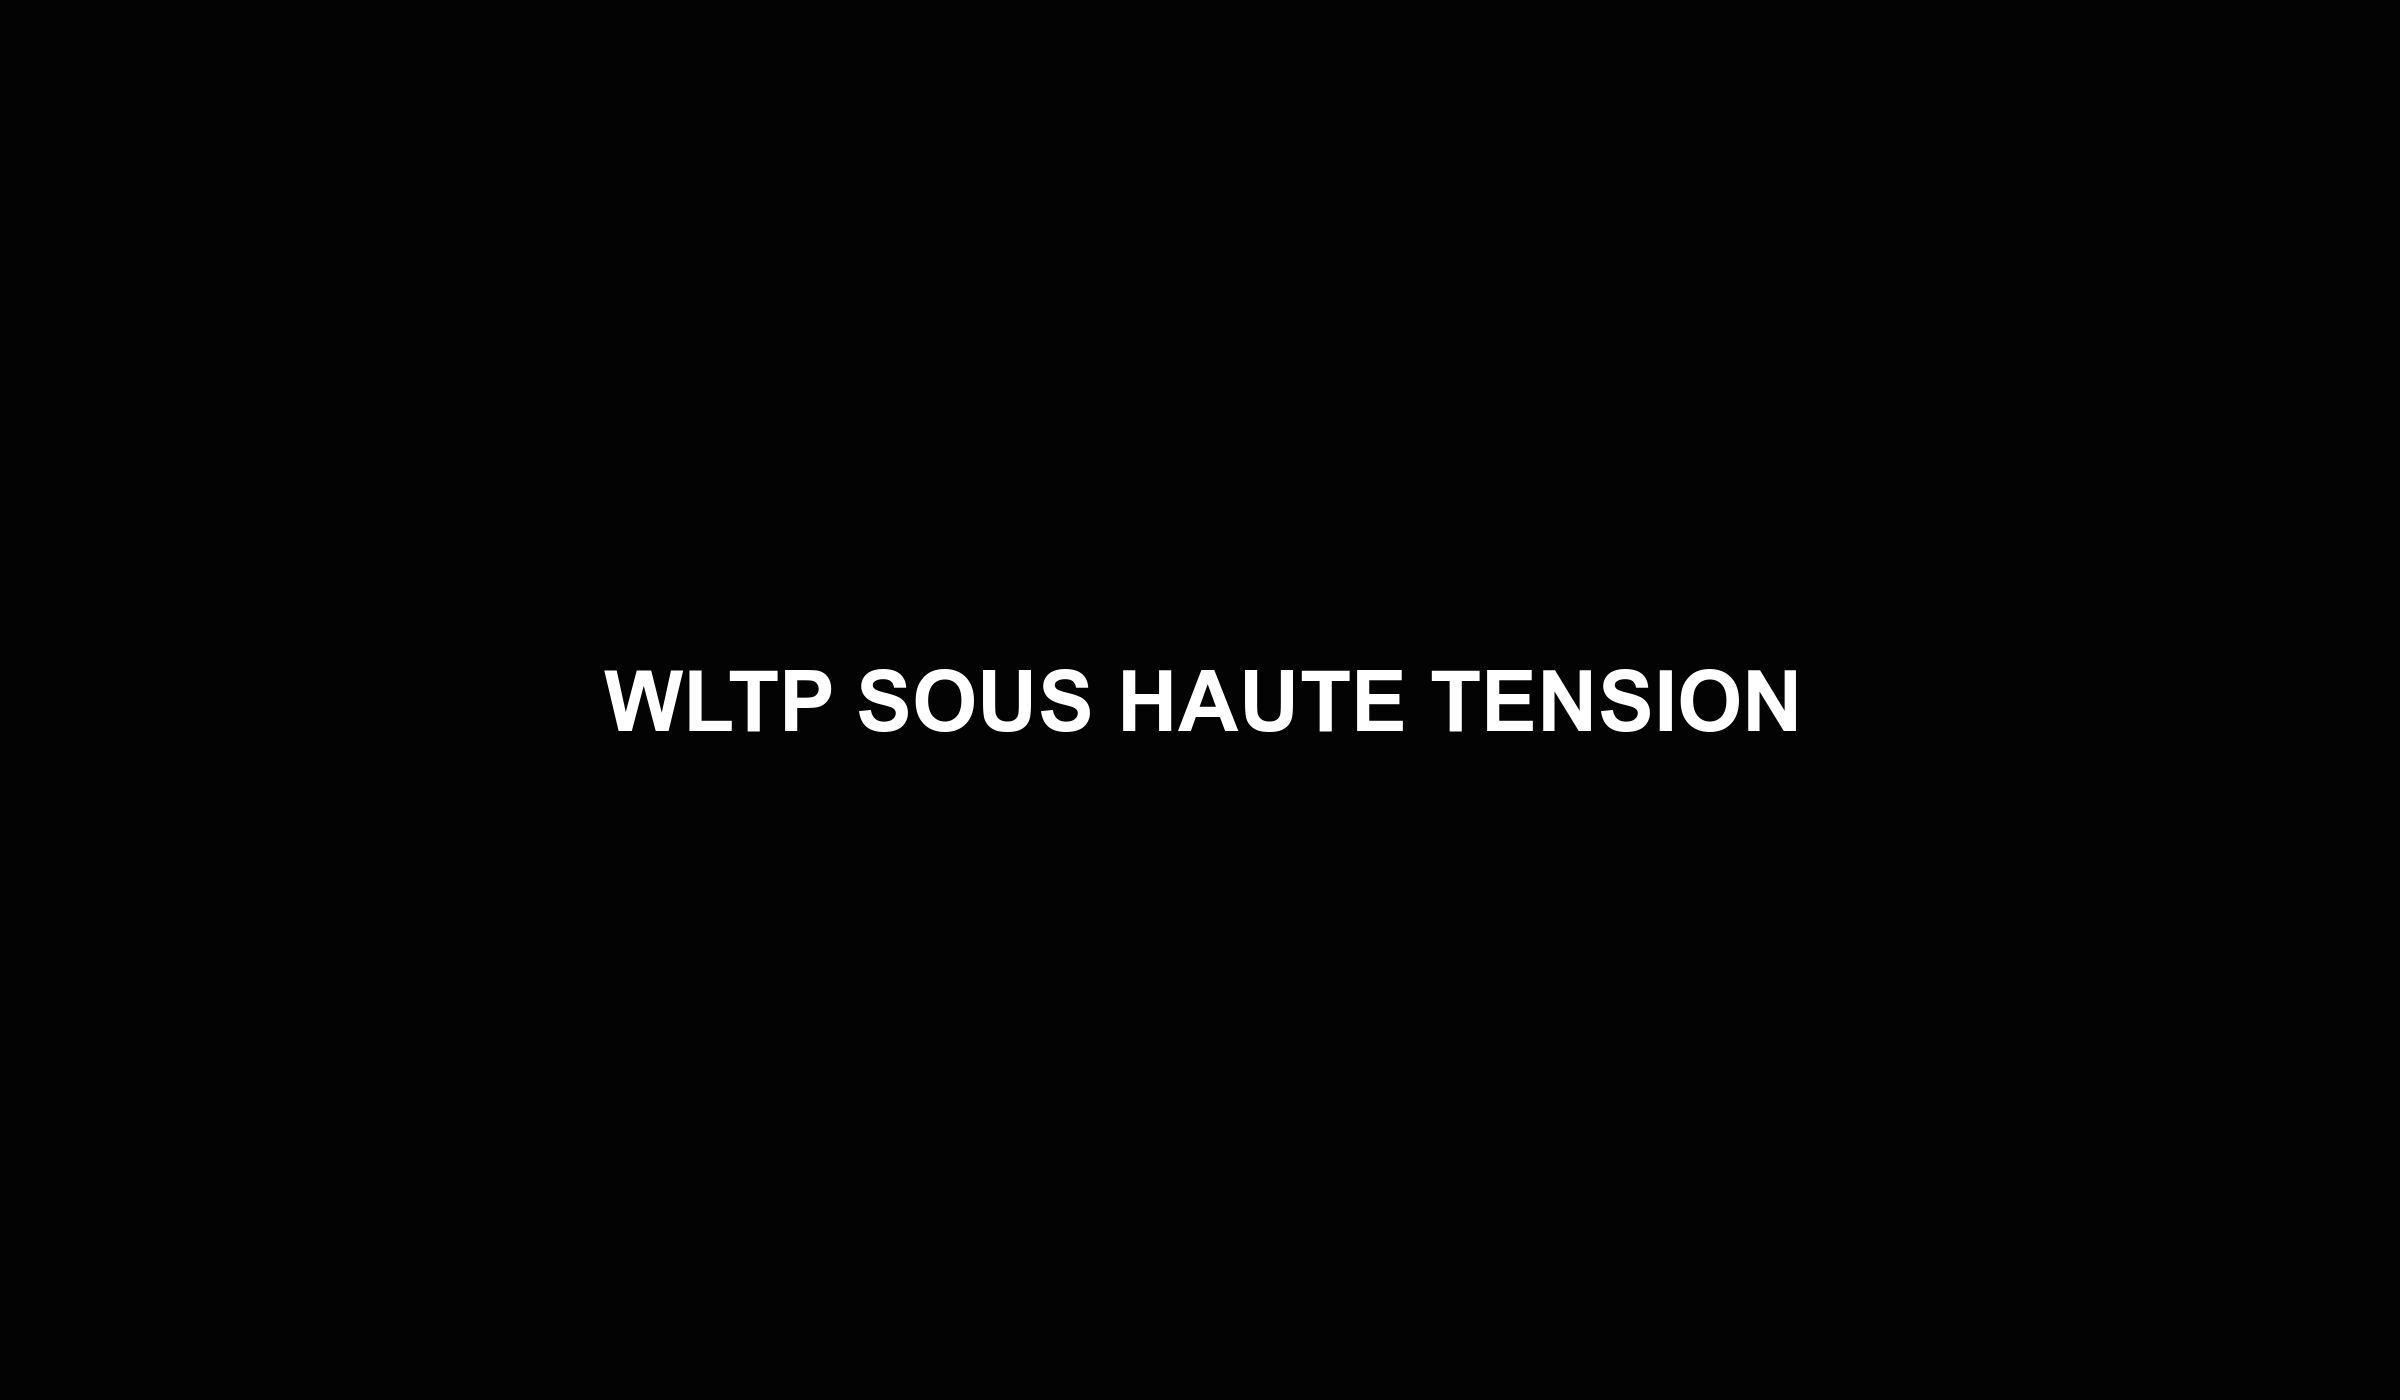 WLTP SOUS HAUTE TENSION